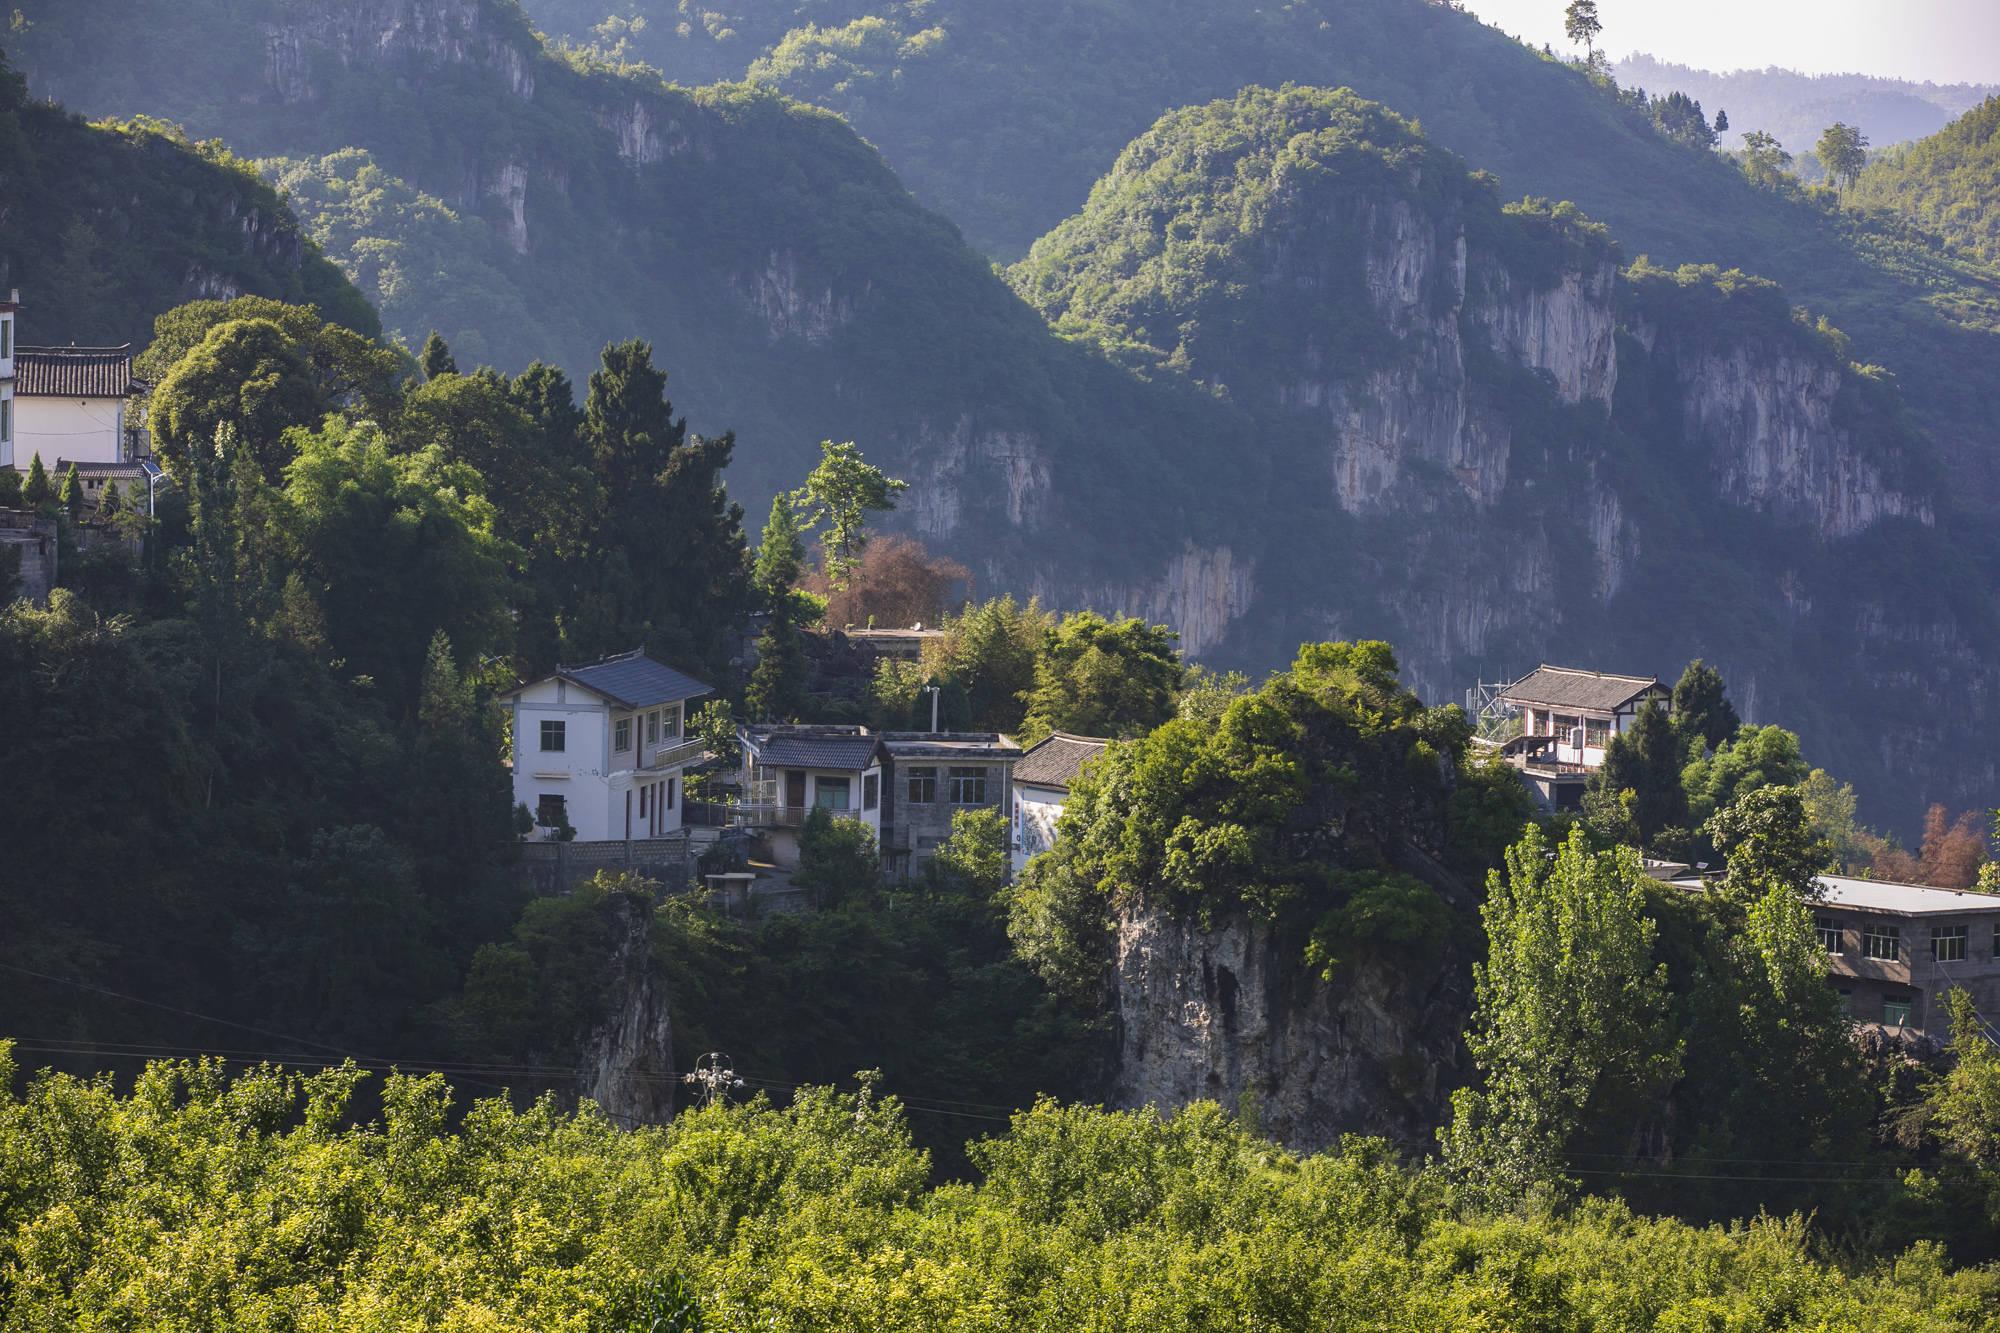 """原创实拍贵州山村里的""""桃源""""生活,庭院美丽如花园,人均收入超万元"""